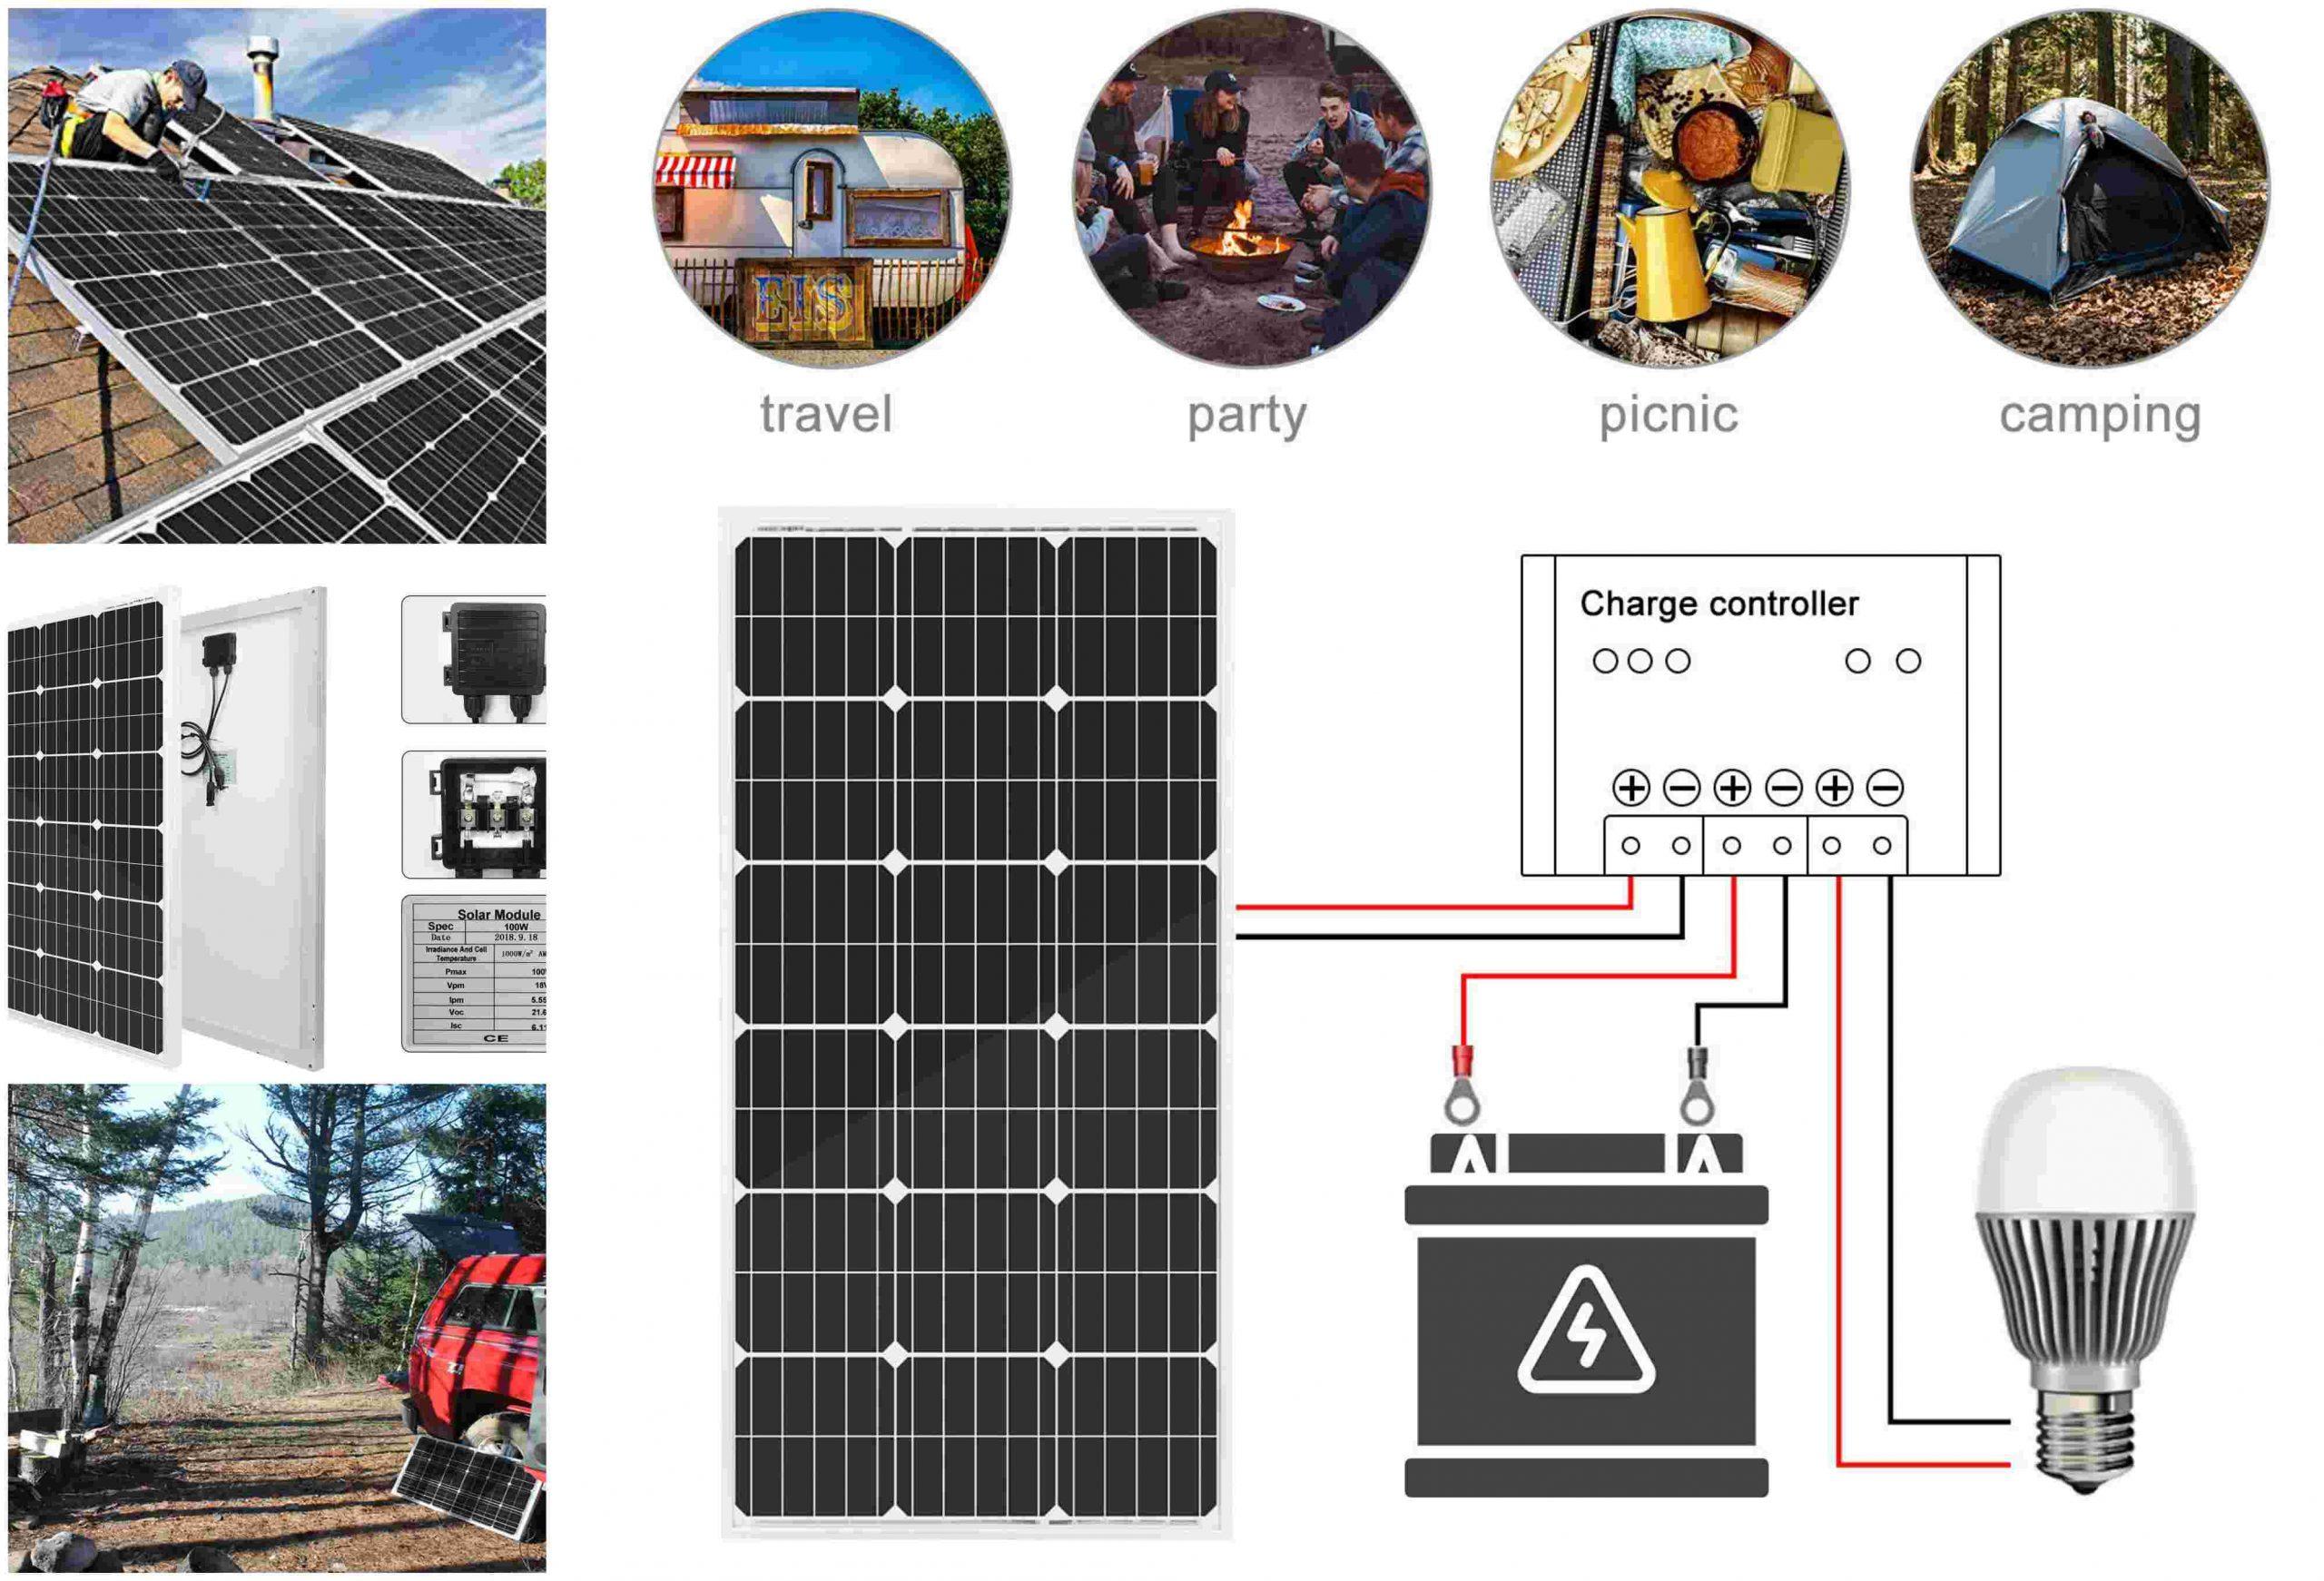 modelo-eco-worthy-modulo-solar-rigido-100w-uno-de-los-mejores-en-amazon